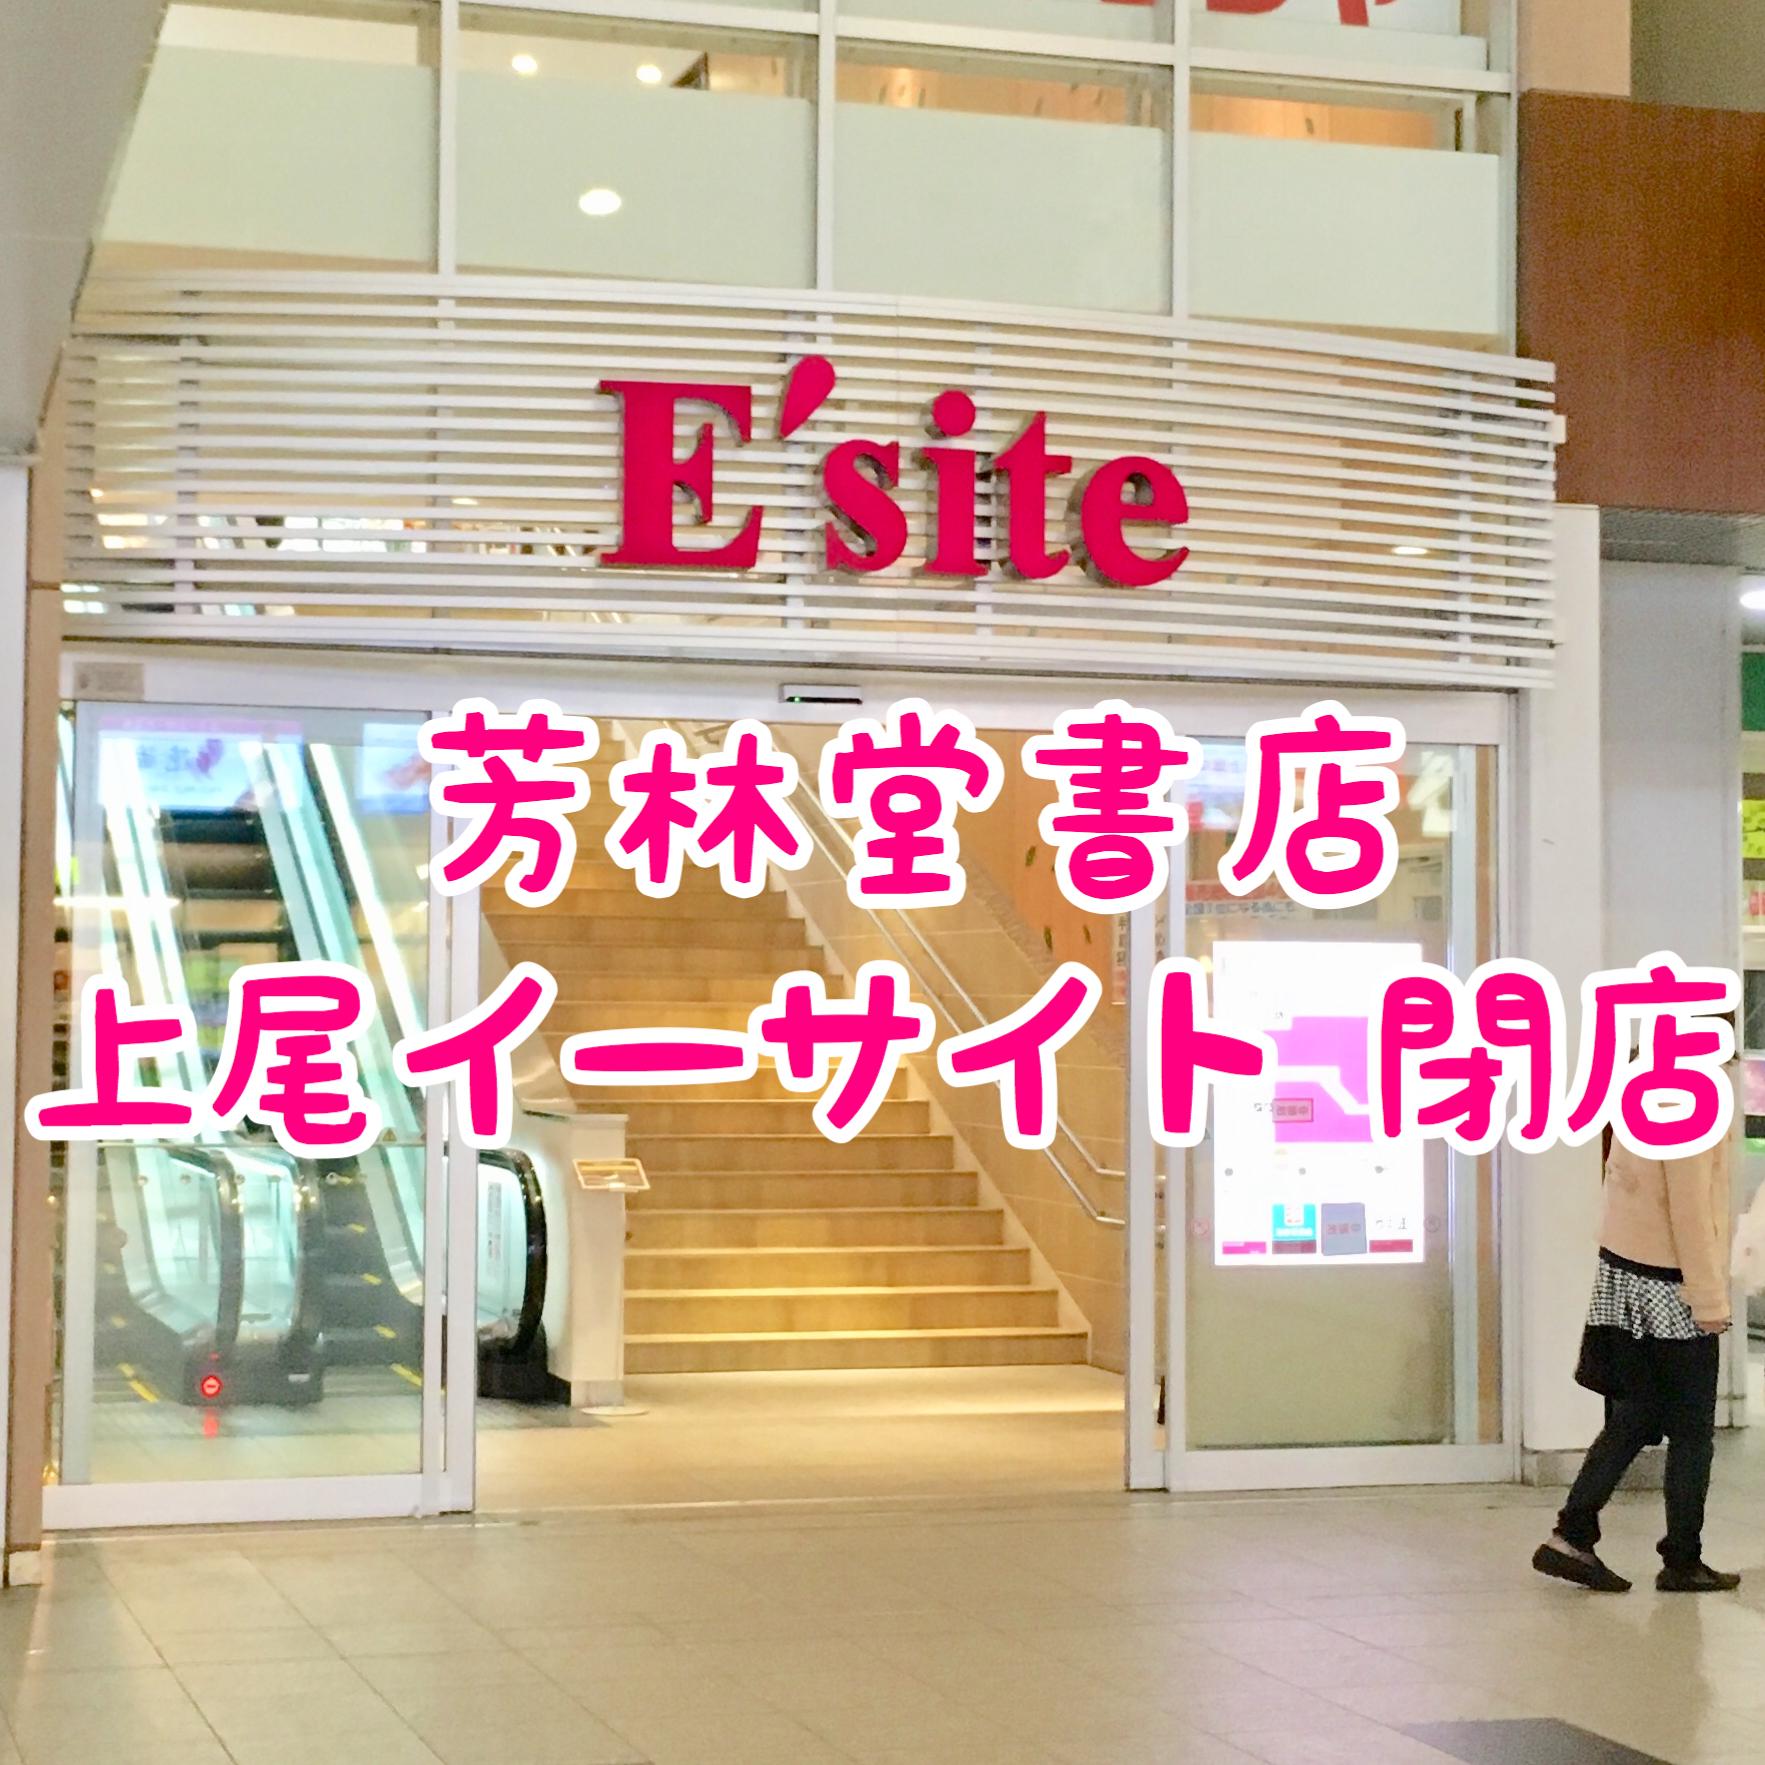 上尾イーサイト内の本屋『芳林堂書店』が1月20日で閉店!